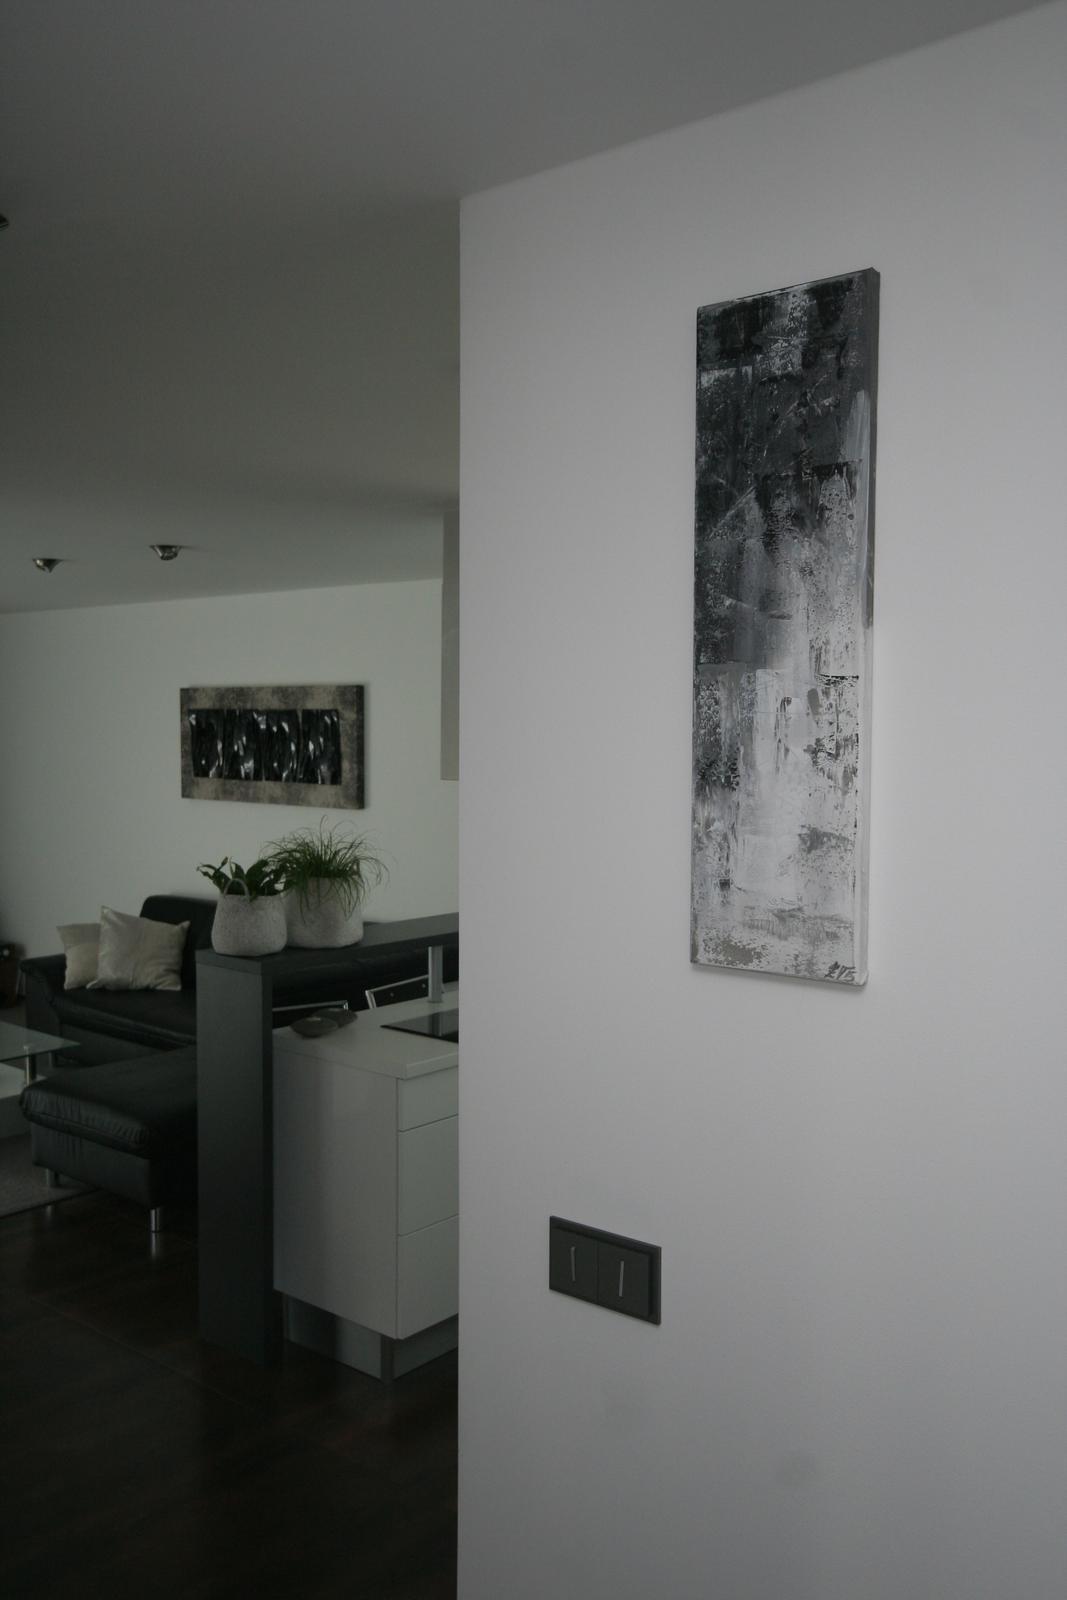 Mé obrazy v interiérech - Obrázek č. 39